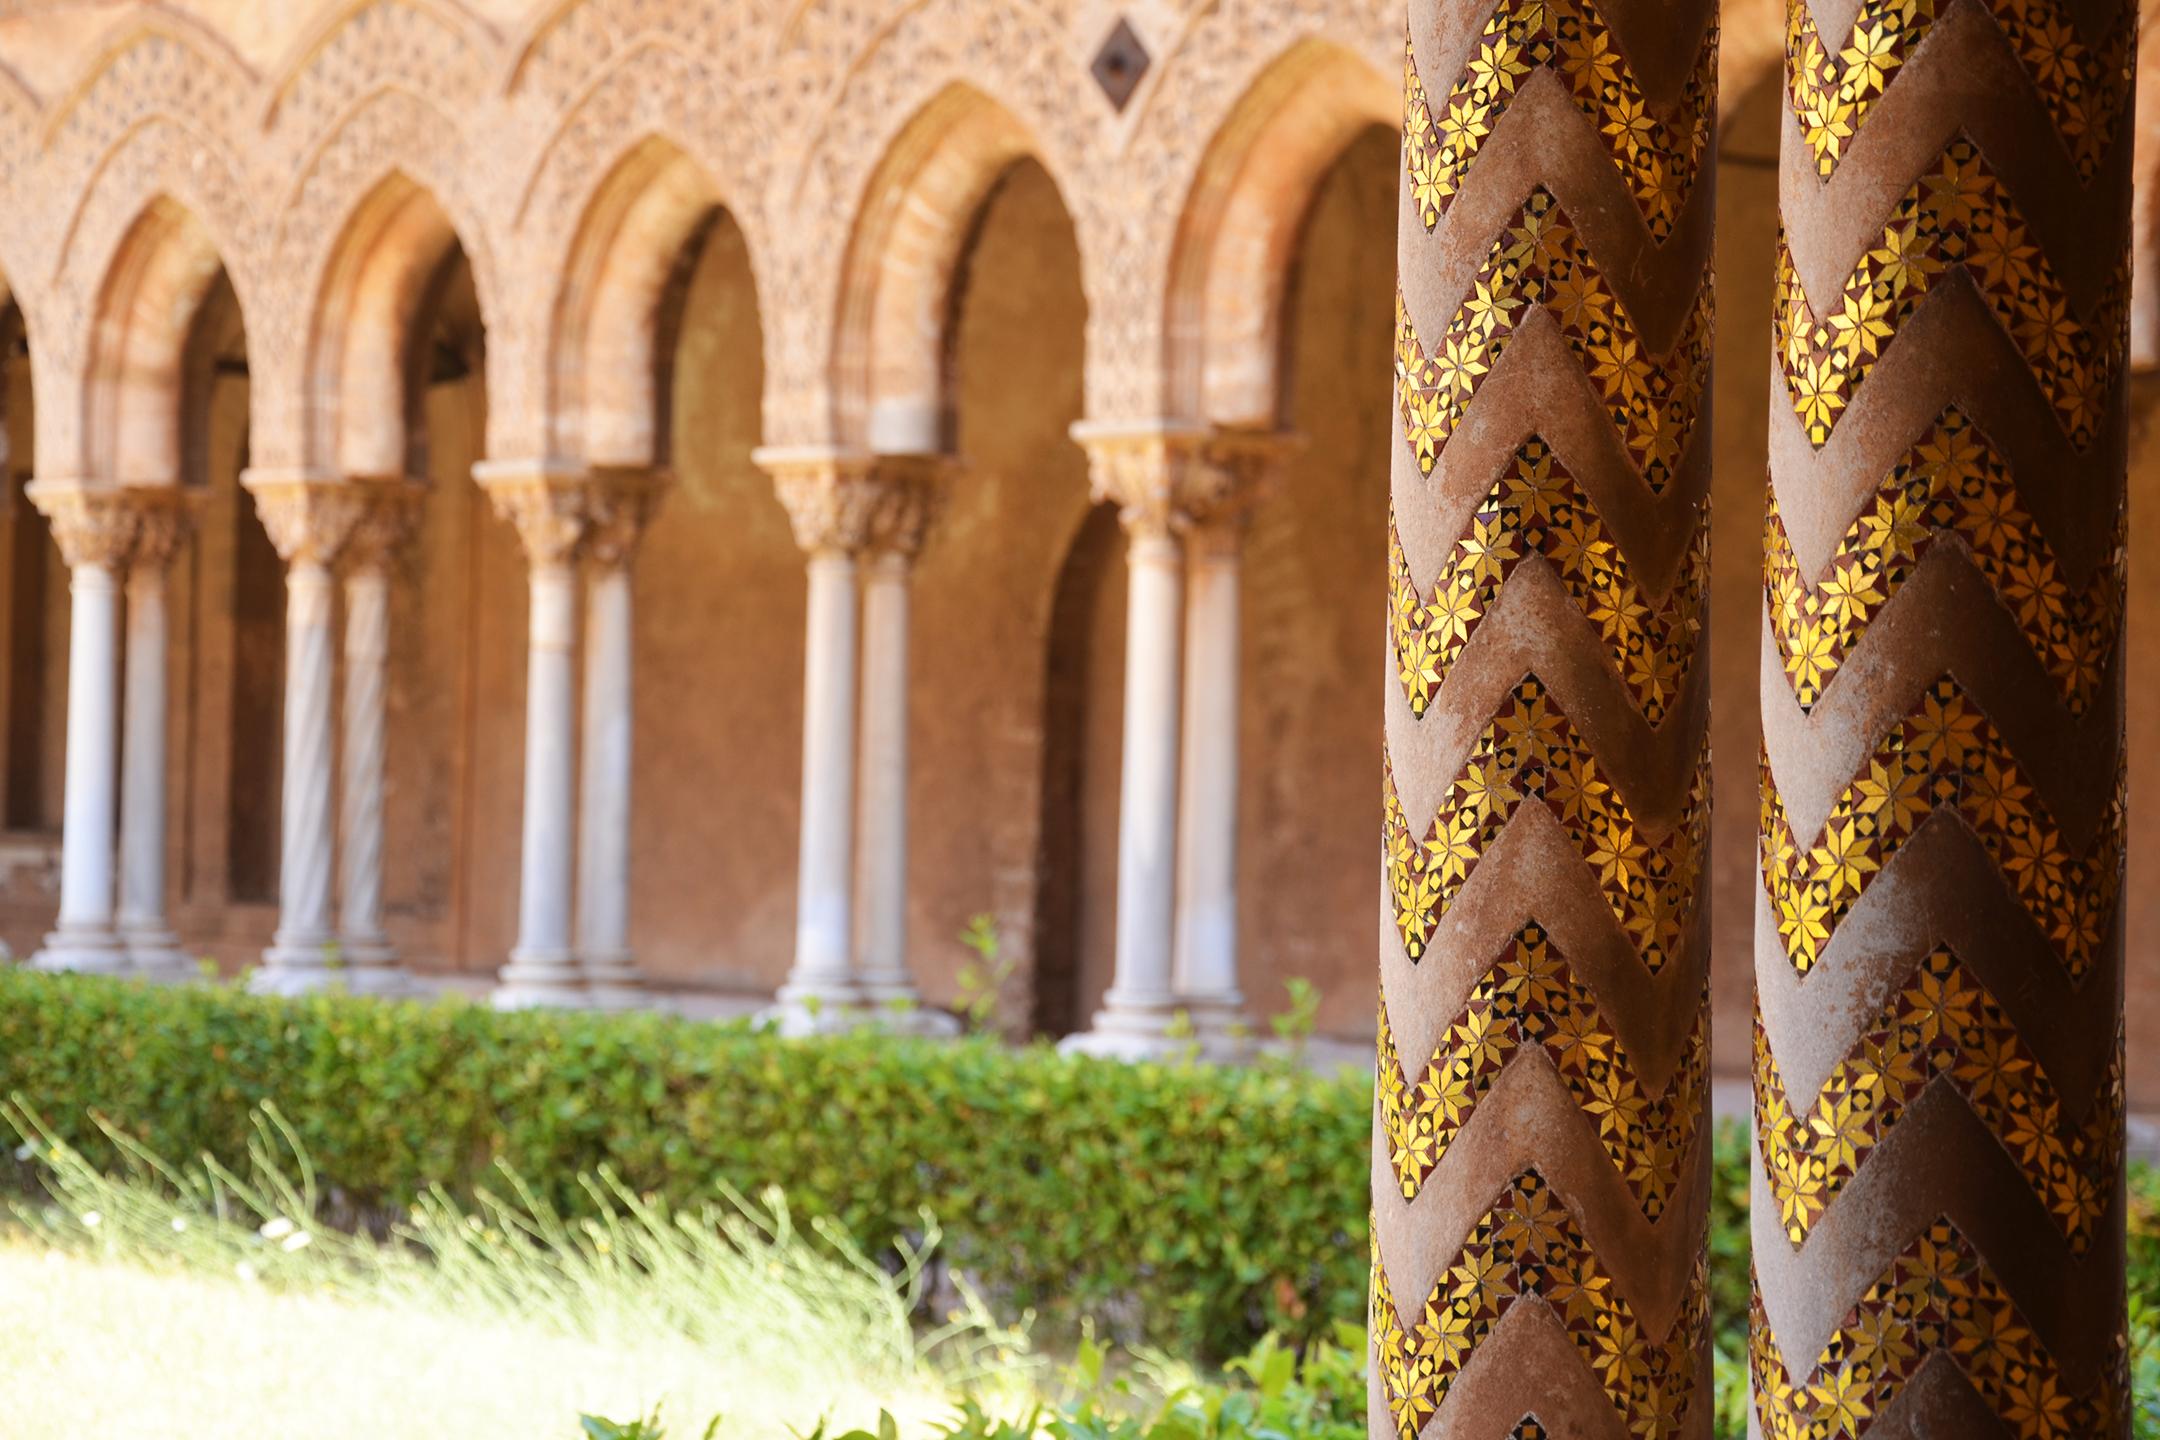 alessia-canella-sicilia-monreale-cattedrale-colonne